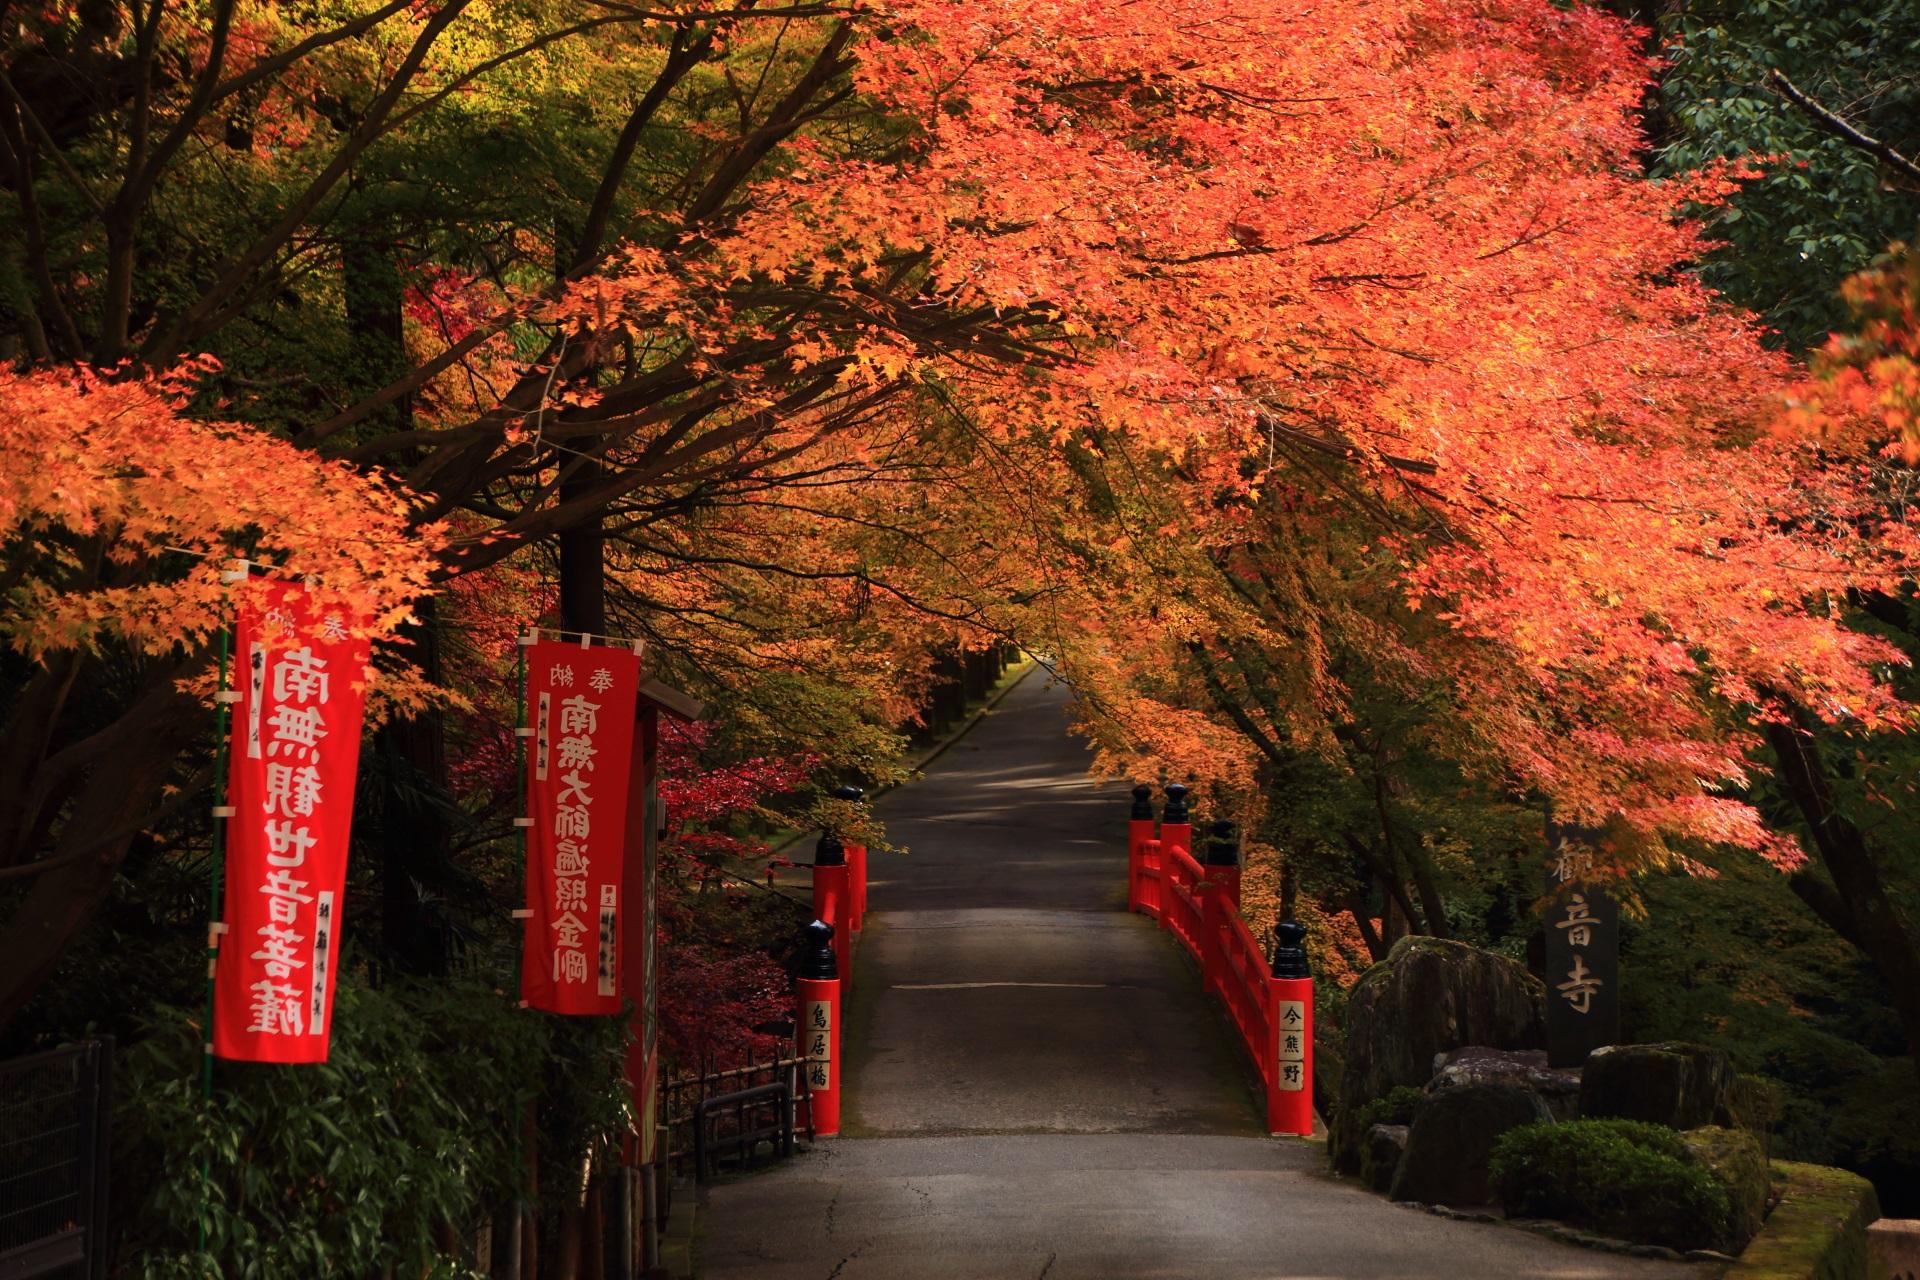 遠目から見ると鮮やかな色合いの鳥居橋